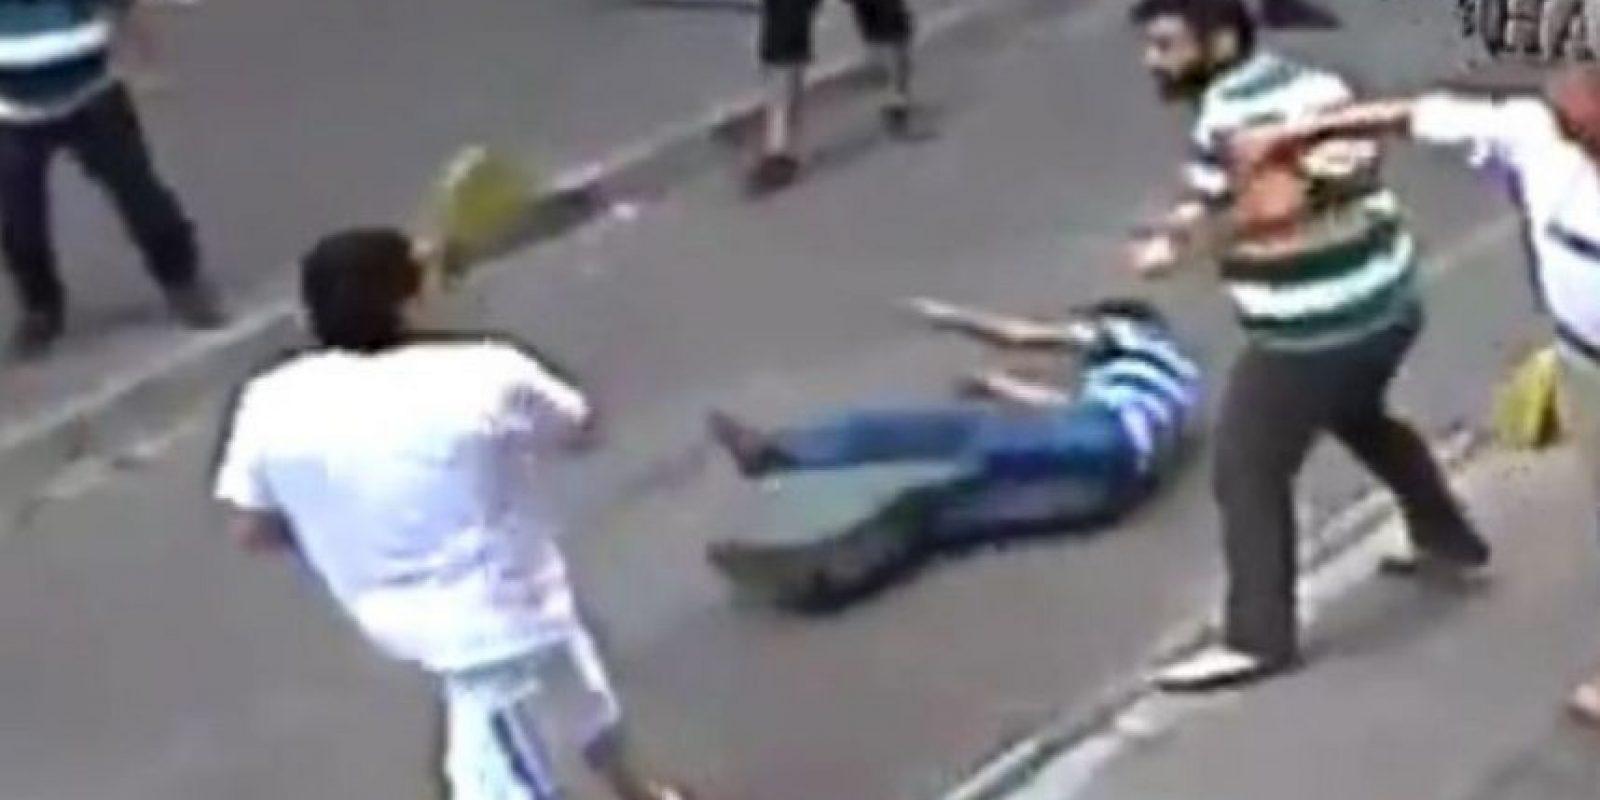 Un hombre se pelea con un grupo de personas en el barrio de Aksaray, en Estambul, Turquía, derrotando a los seis con los que peleaba. Era luchador profesional. Foto:YouTube-Archivo. Imagen Por: